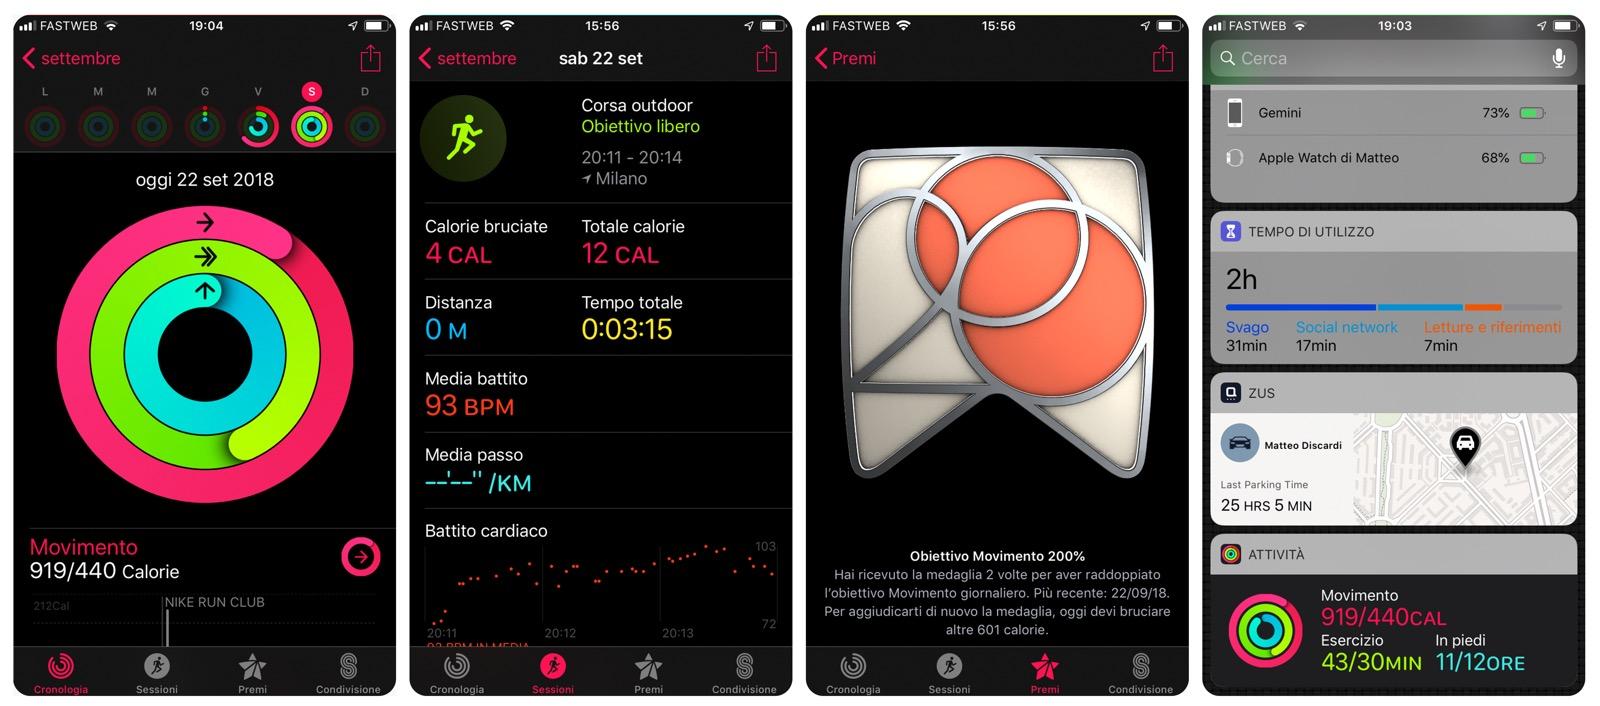 L'app attività di apple watch 4